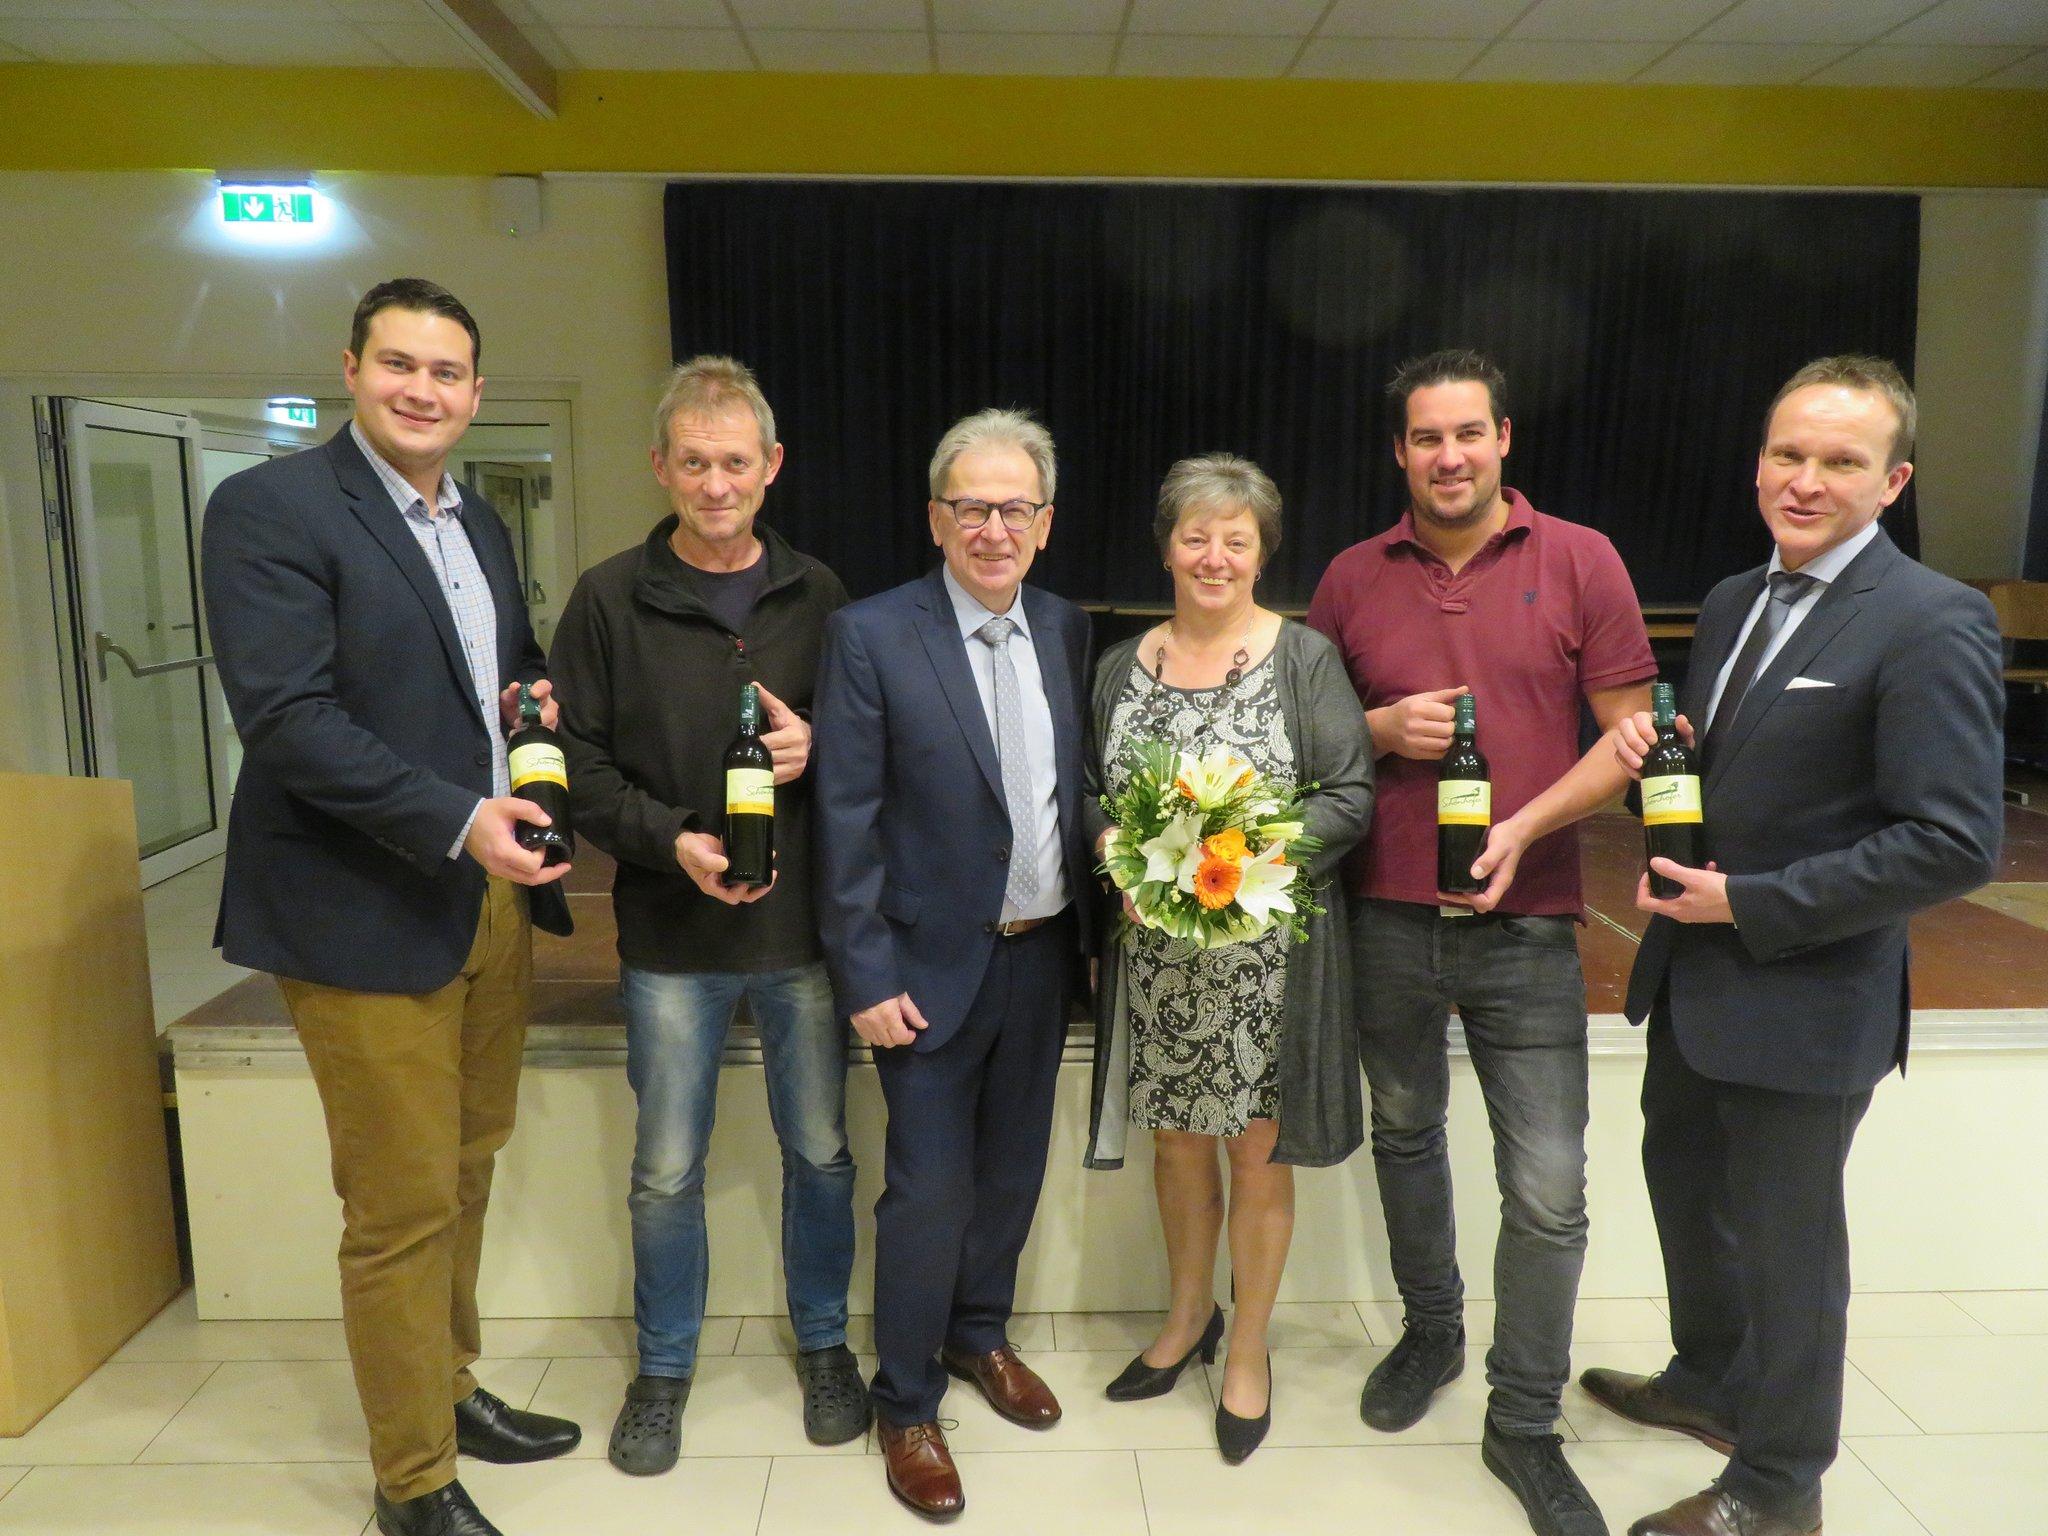 Zellerndorf professionelle partnervermittlung, Kostenlos